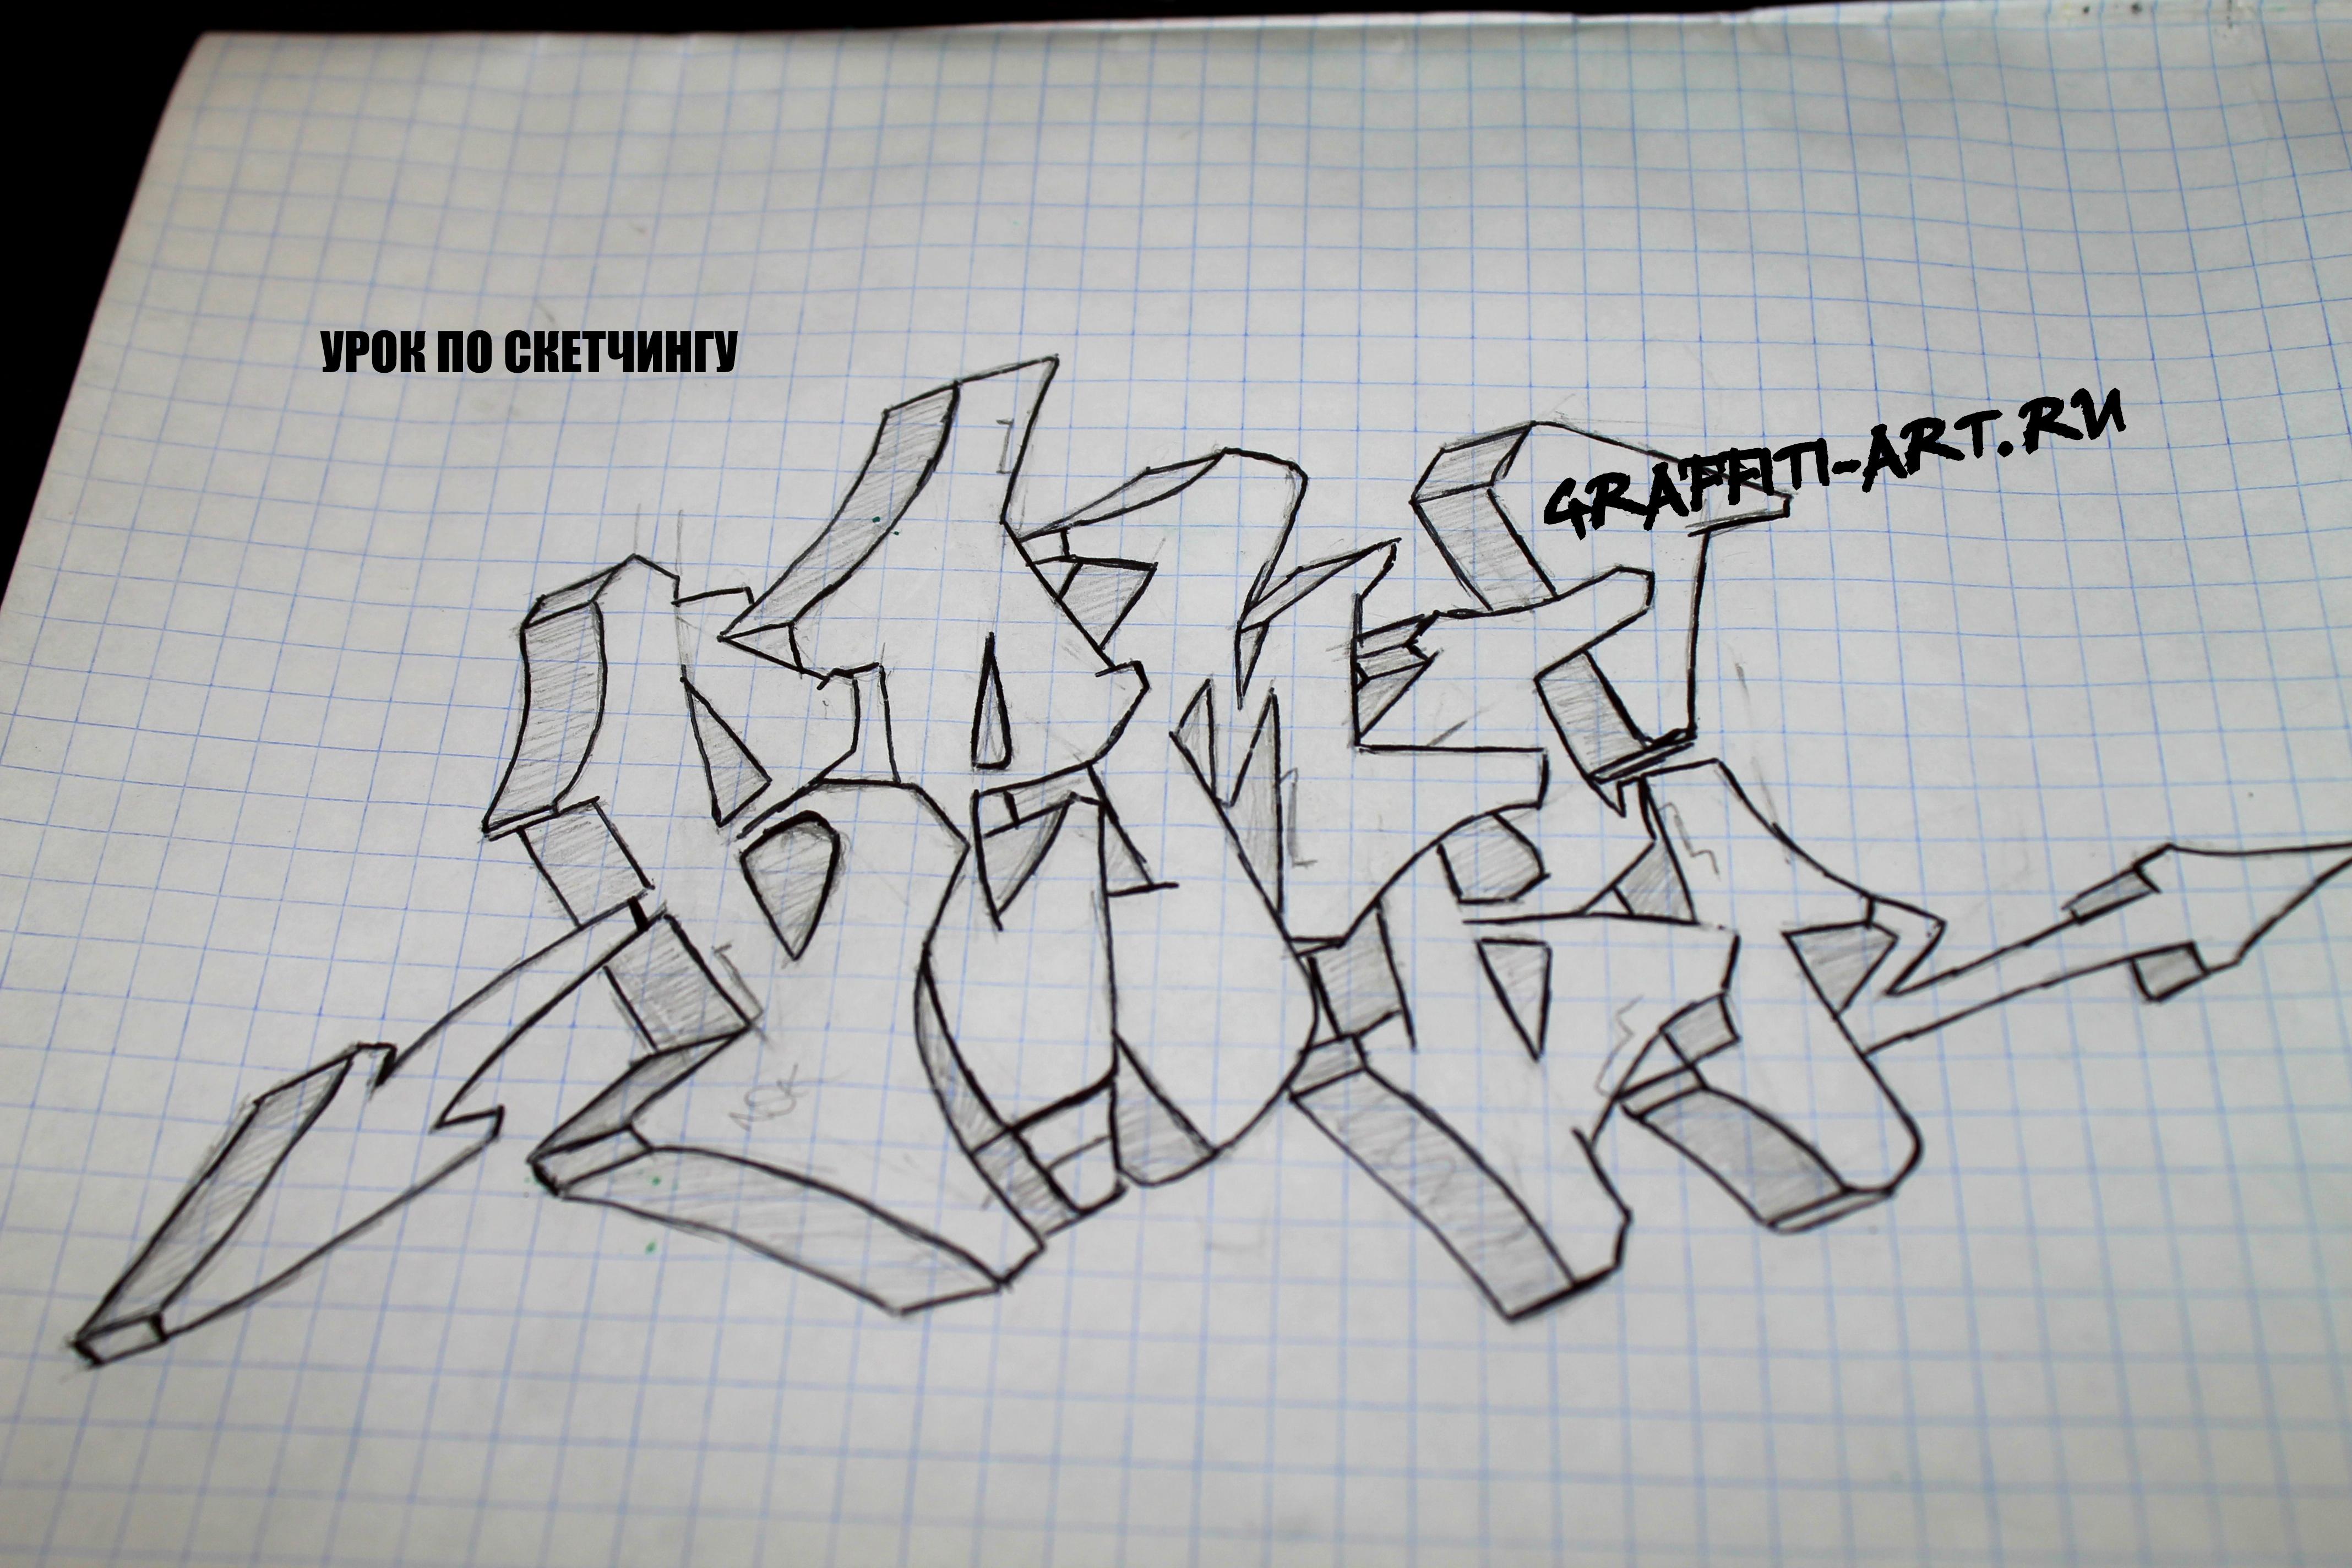 Как рисовать граффити на бумаге | Граффити-арт.ру